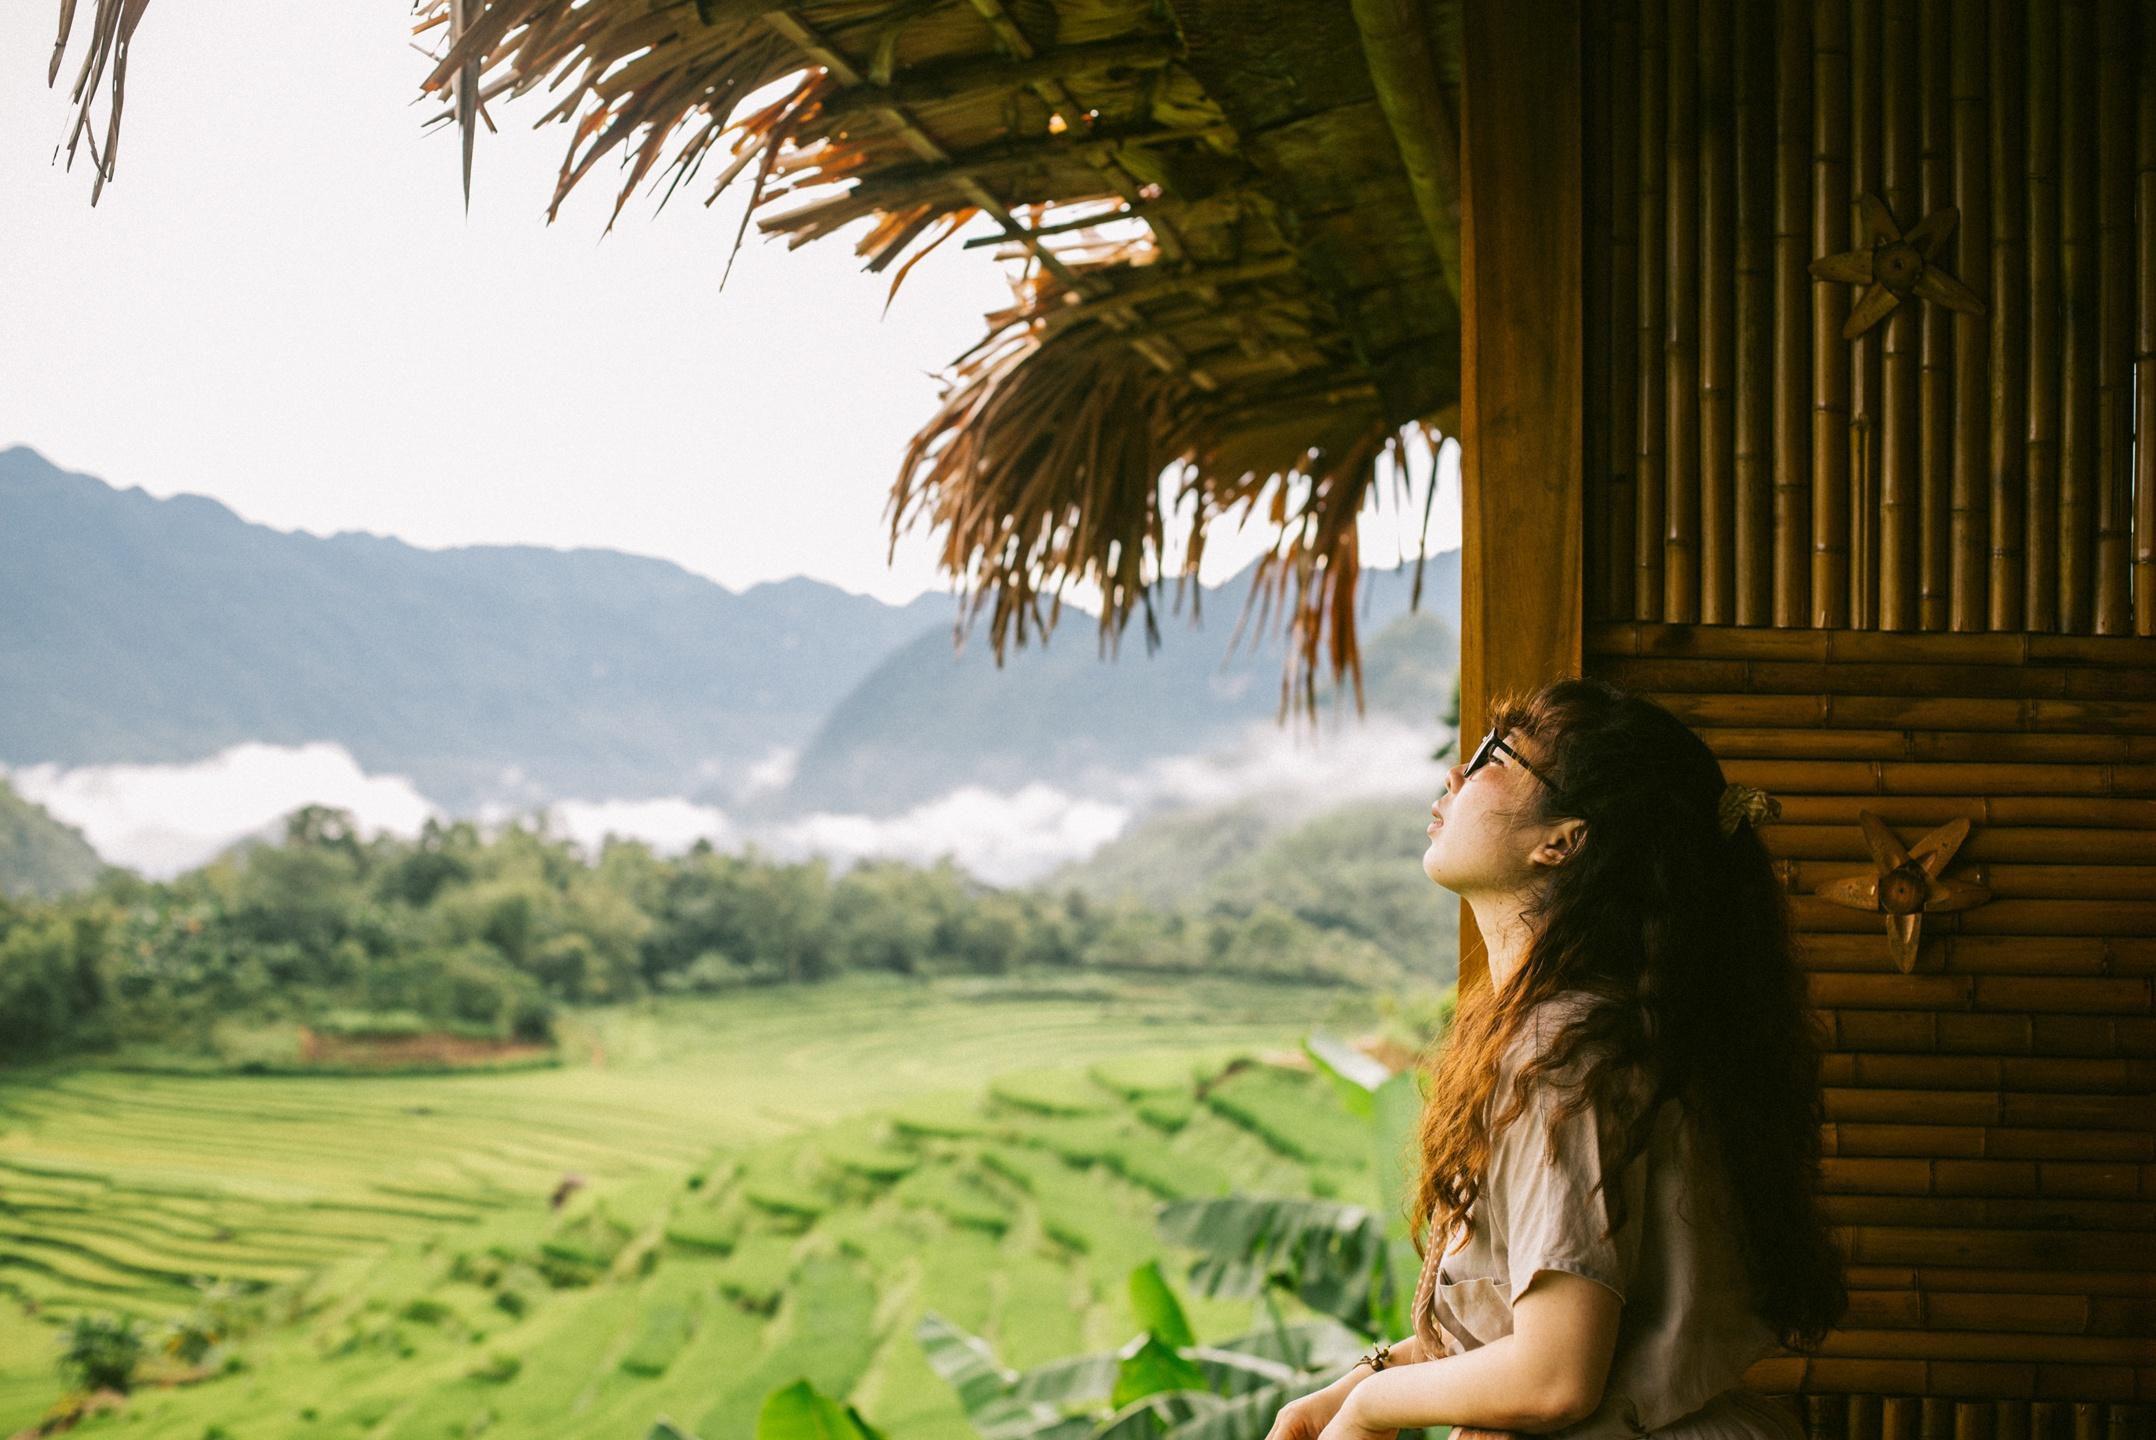 Tháng 9, đến Pù Luông ngắm lúa Ảnh 10